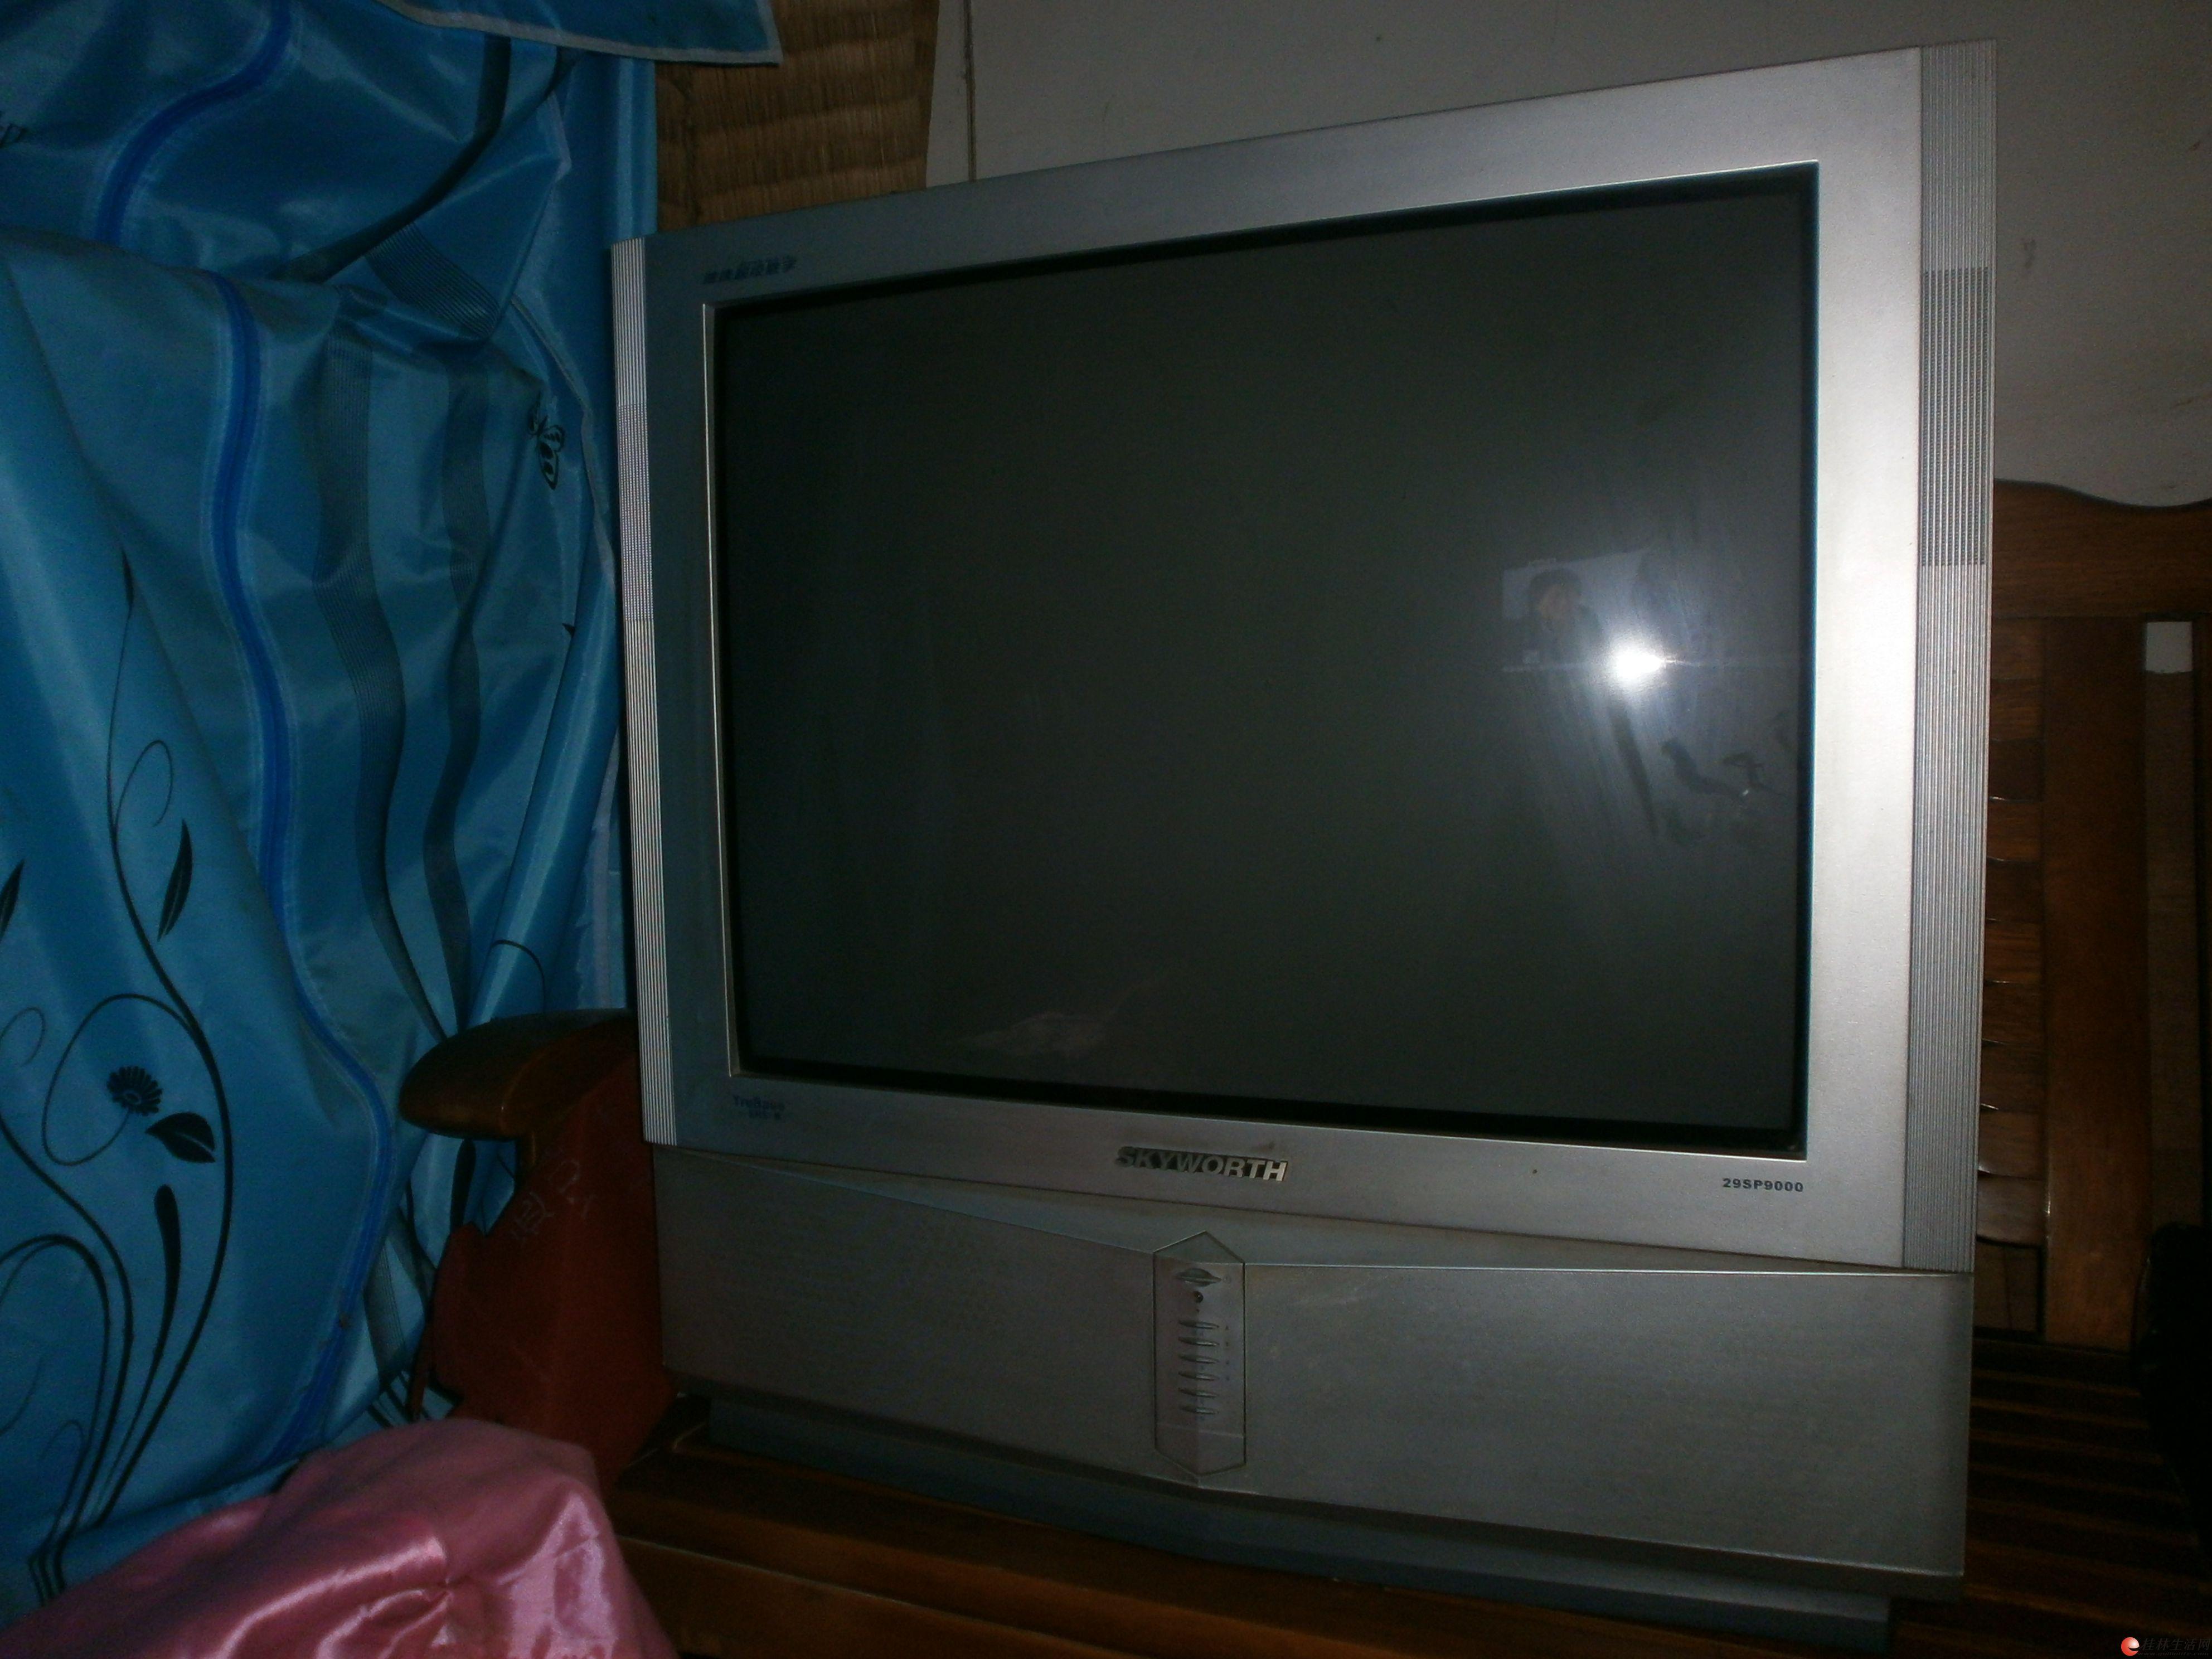 创维牌32寸显像管电视机